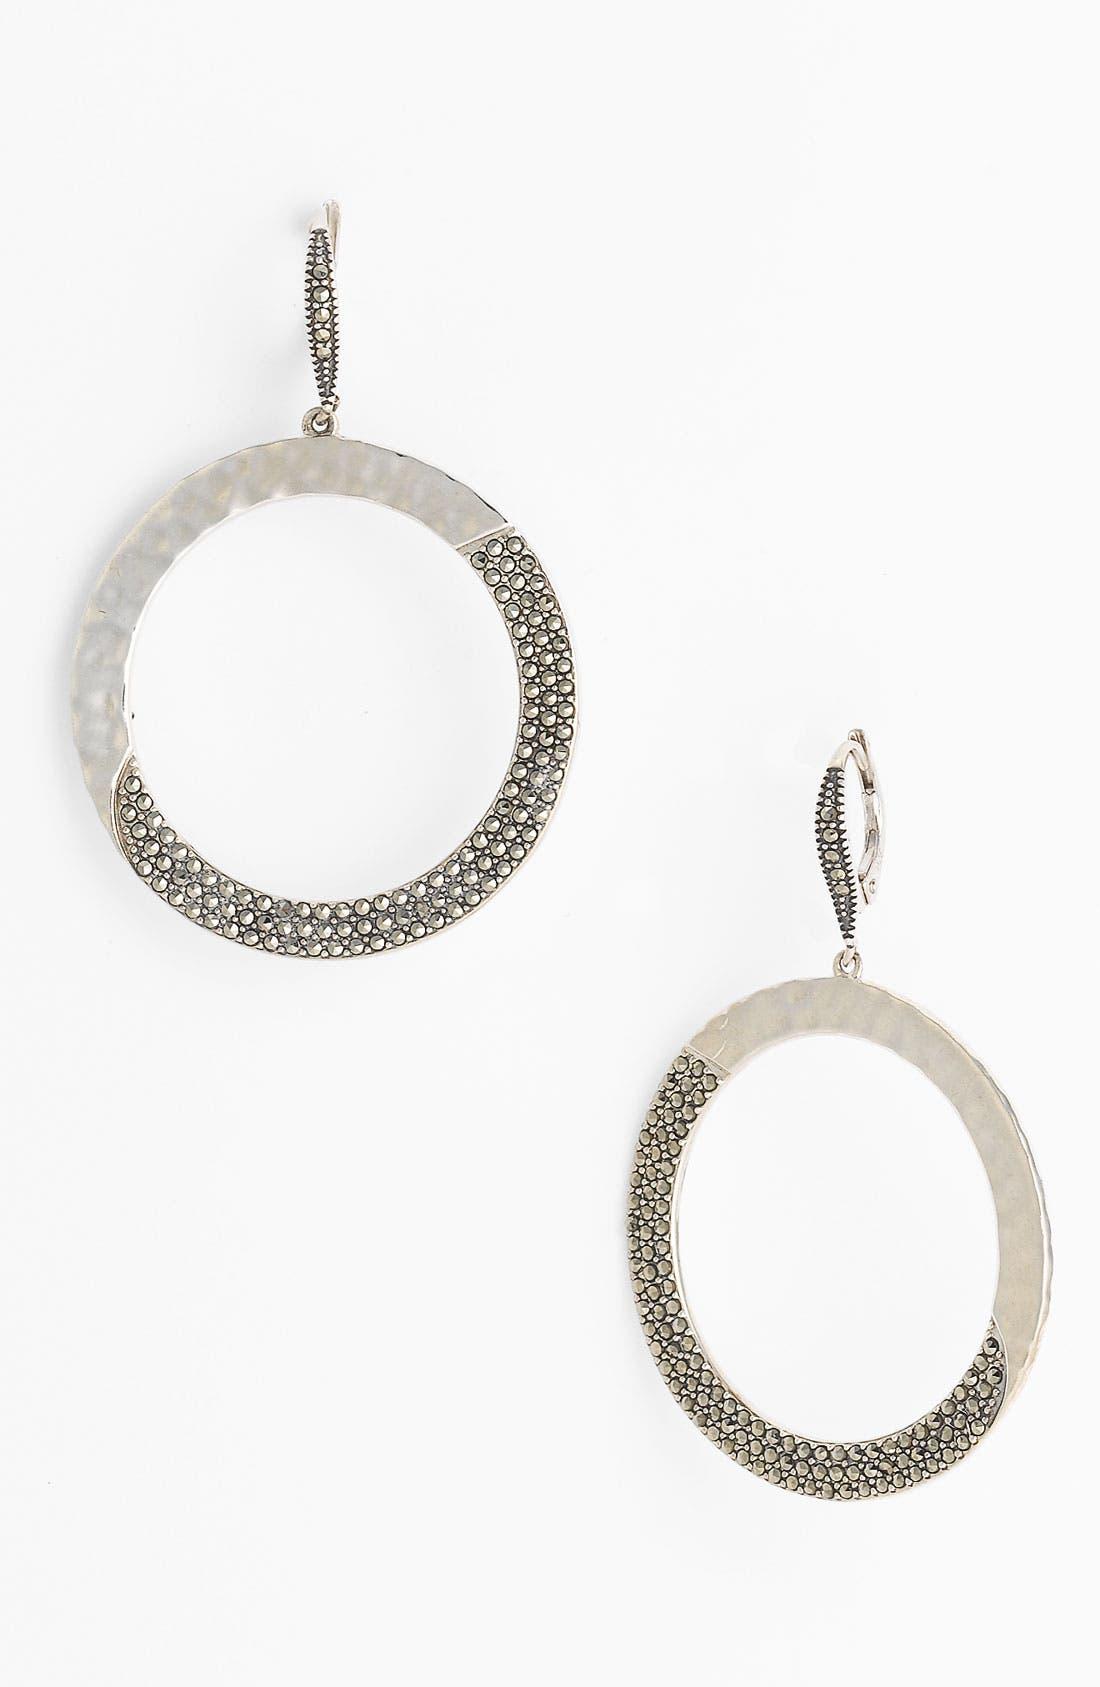 Alternate Image 1 Selected - Judith Jack 'Gold Sea' Frontal Hoop Earrings